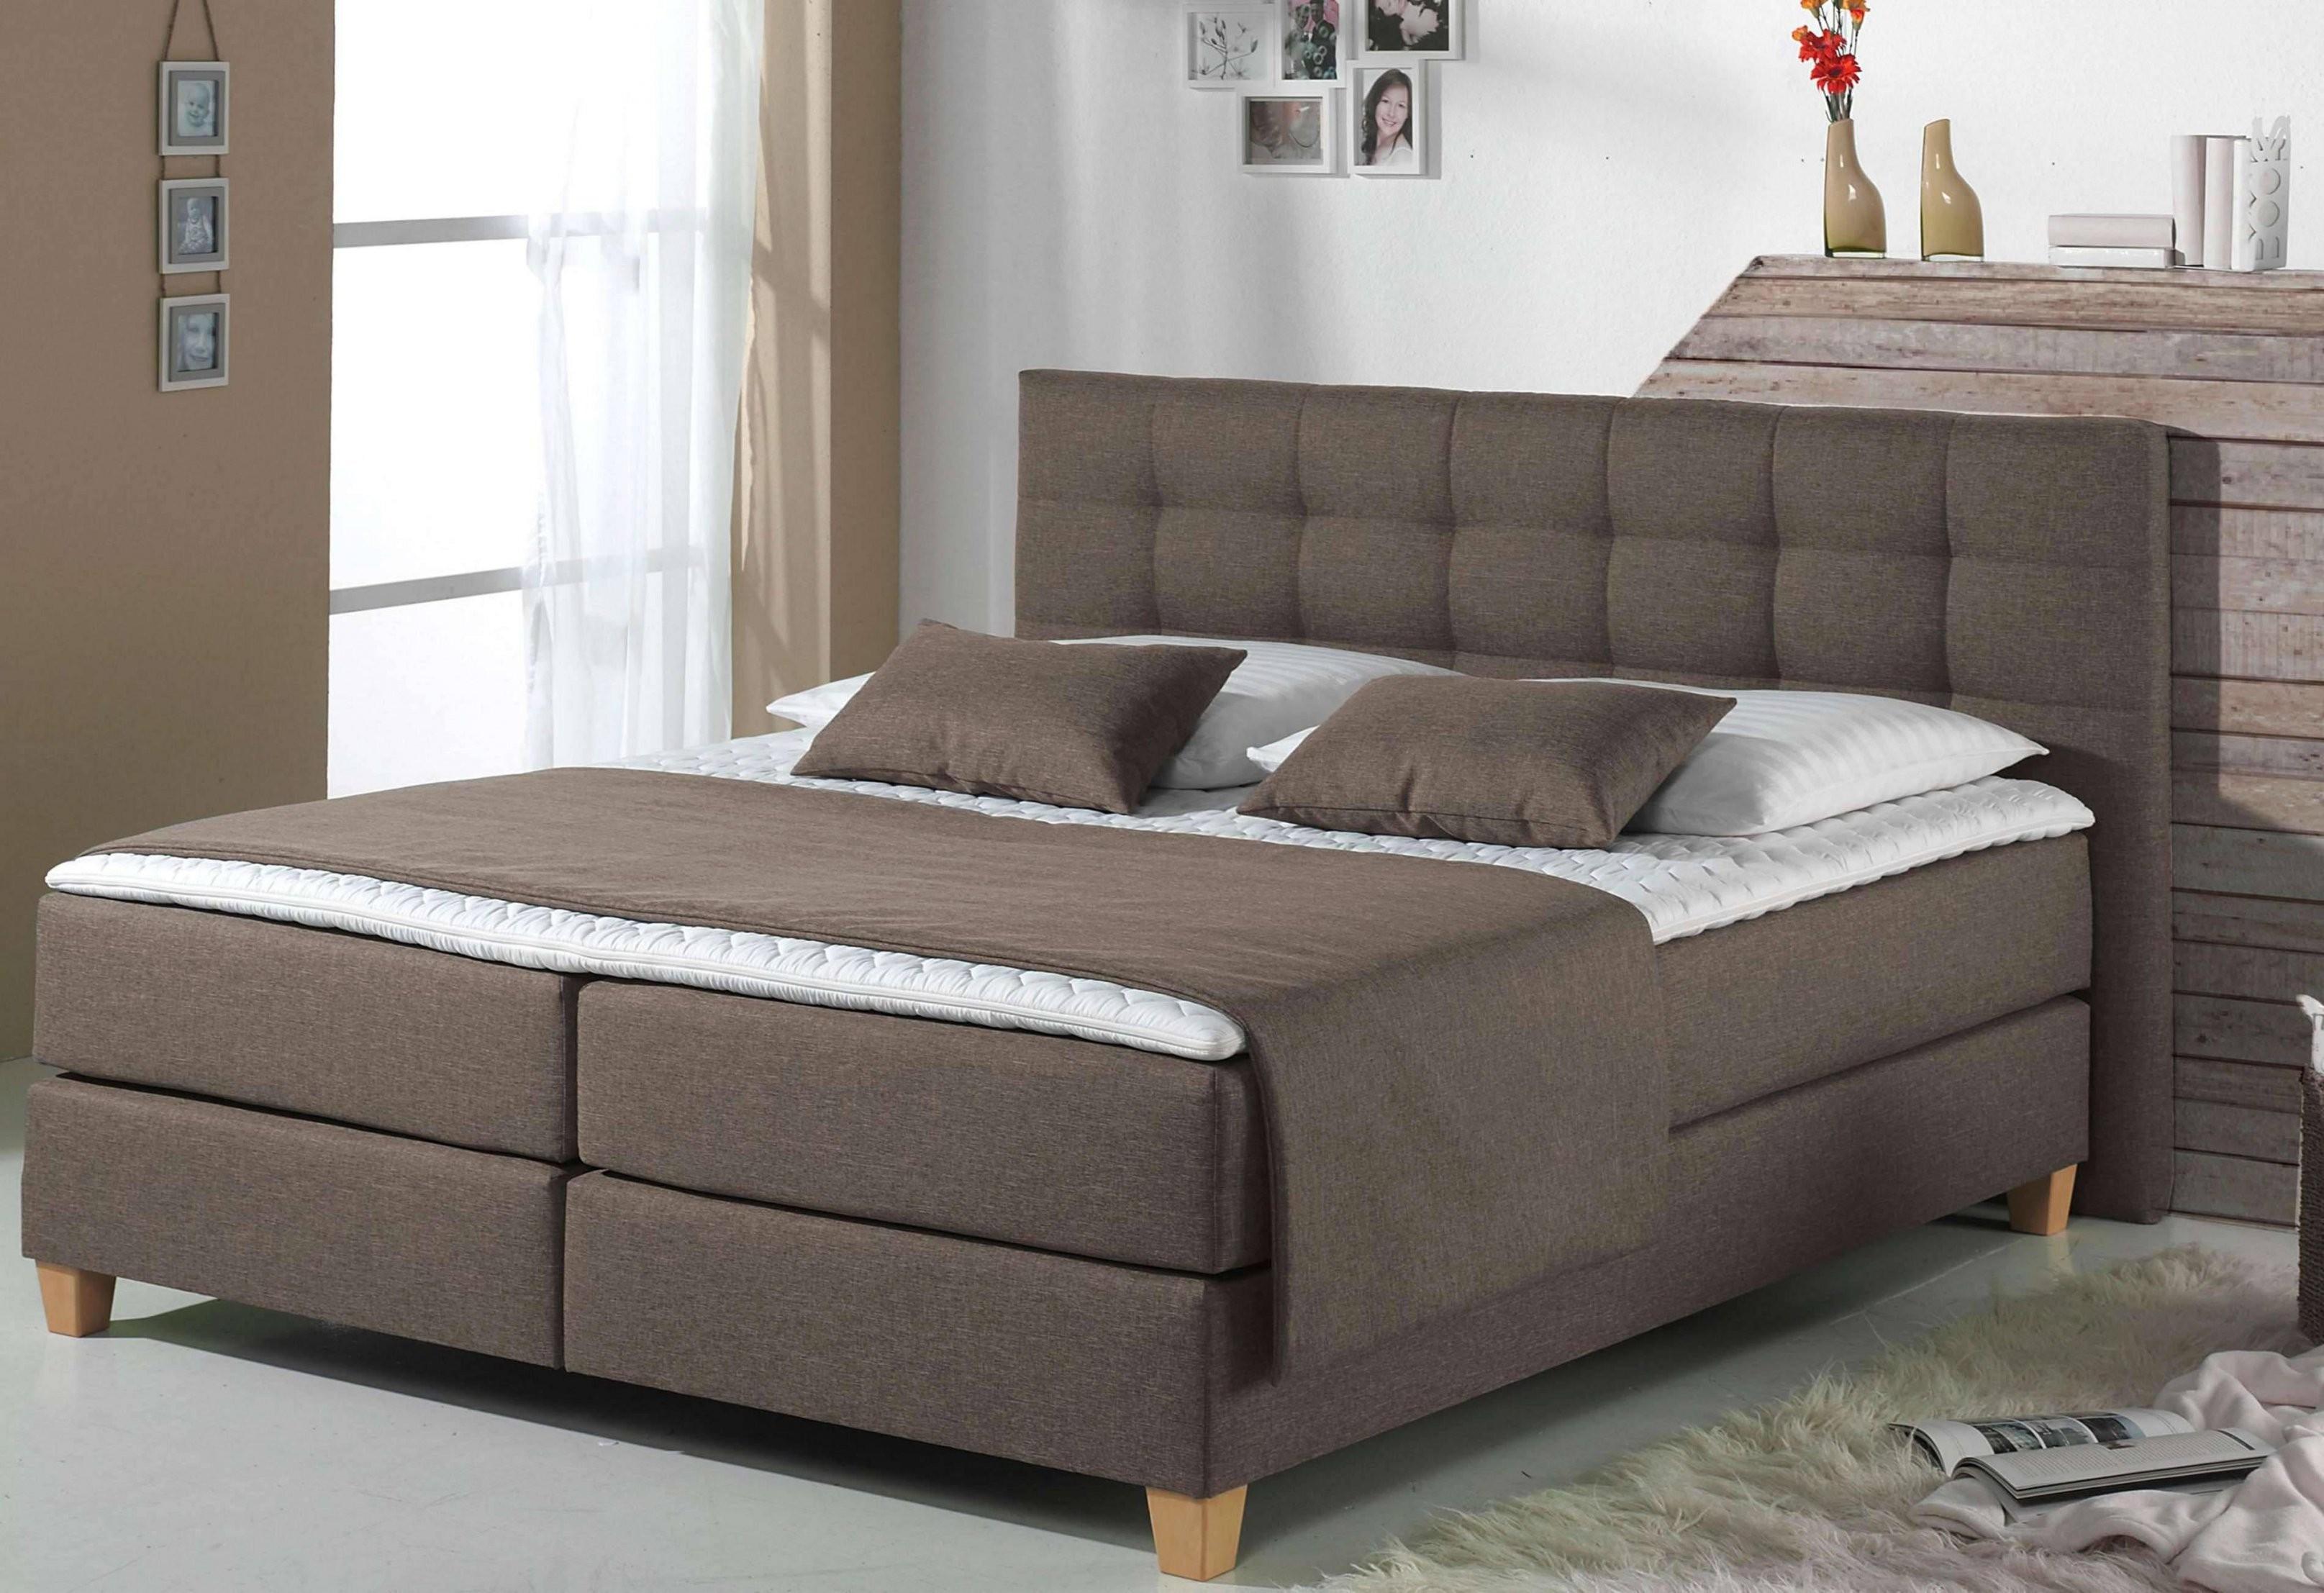 47 Neu Günstige Betten 160×200  Huambodigital von Günstige Betten 160X200 Bild